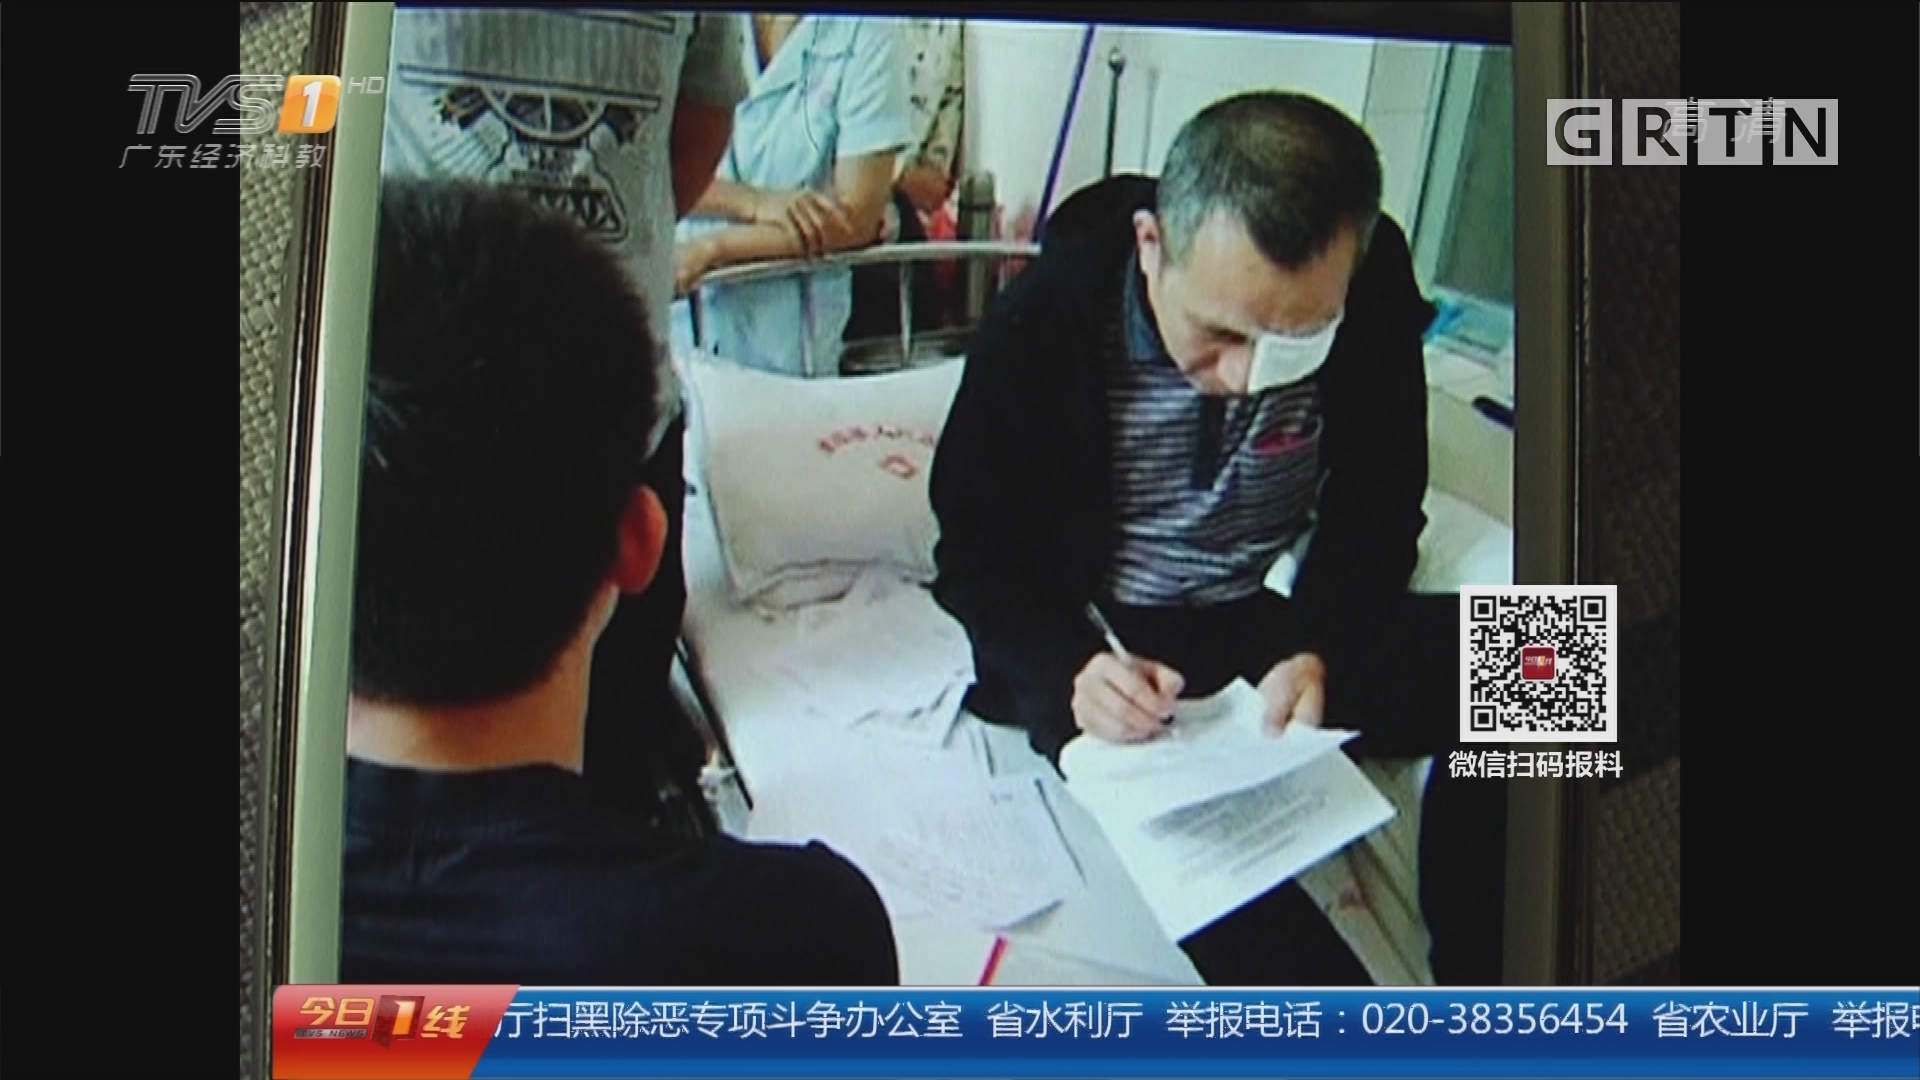 湛江:拳打老师致眼眶骨折 肇事家长被拘留